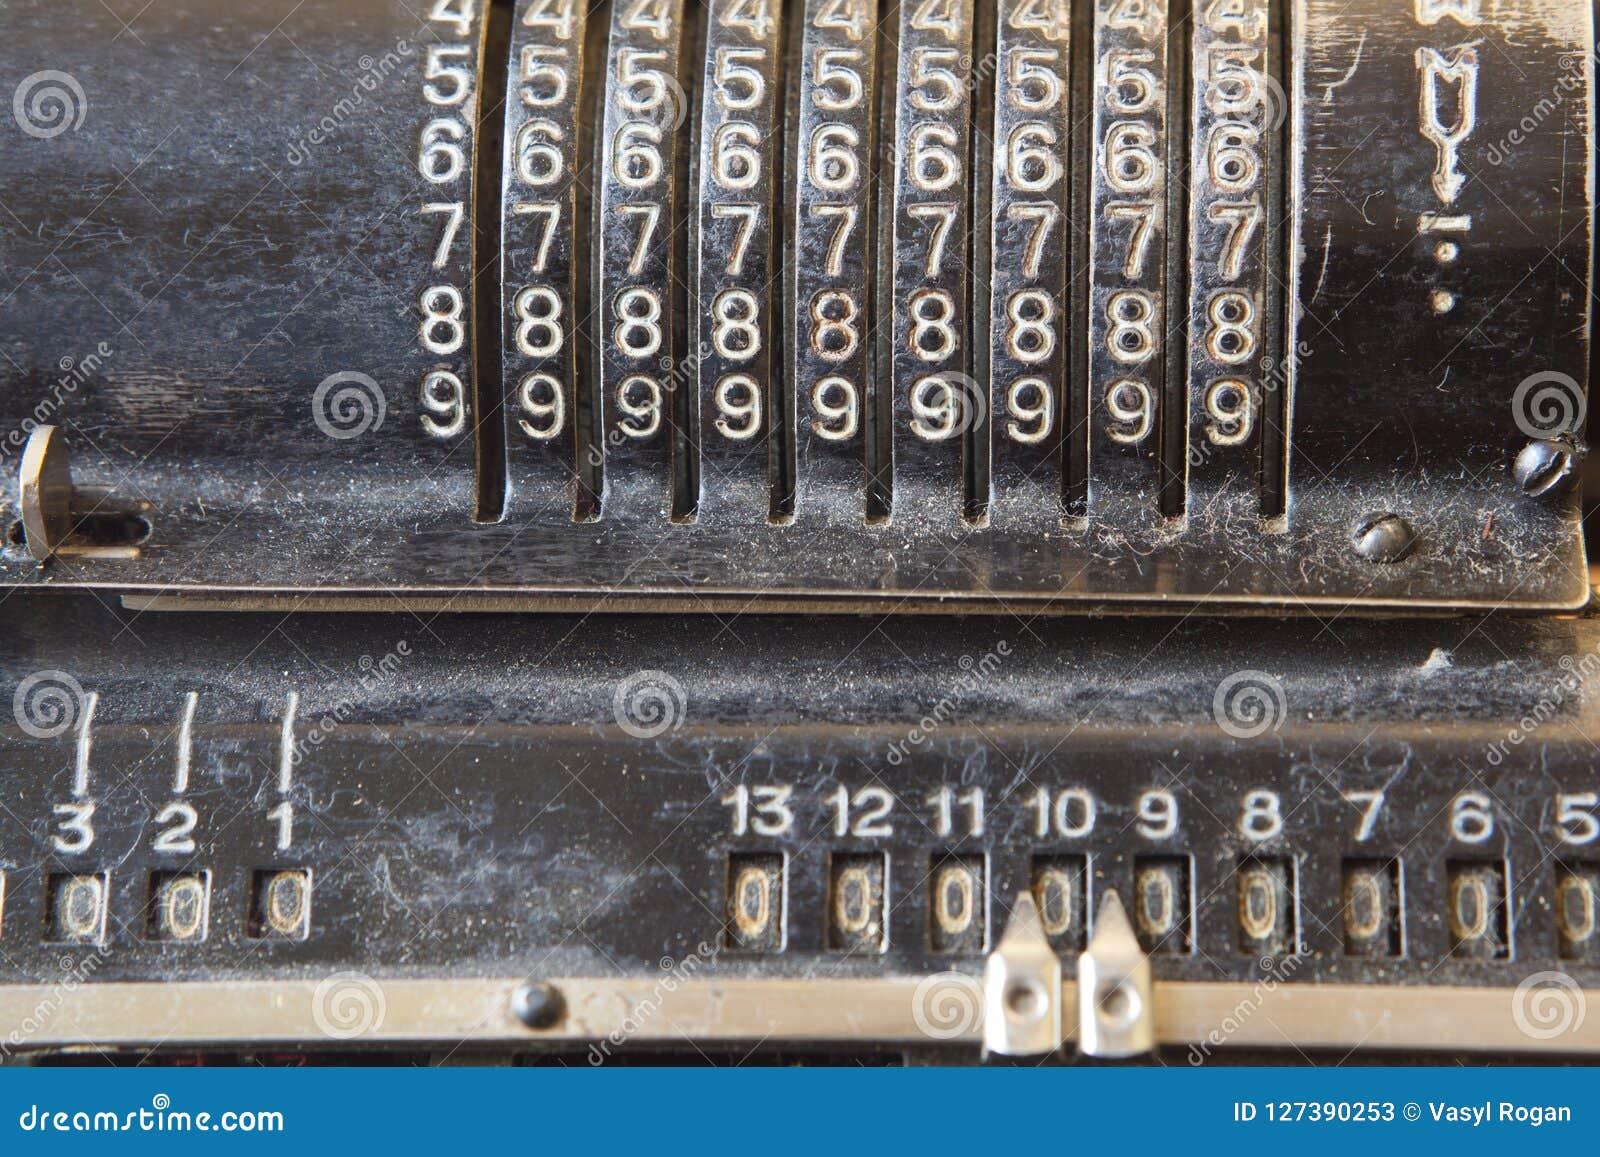 Oude mechanische hand tellende machine voor wiskundige berekeningen